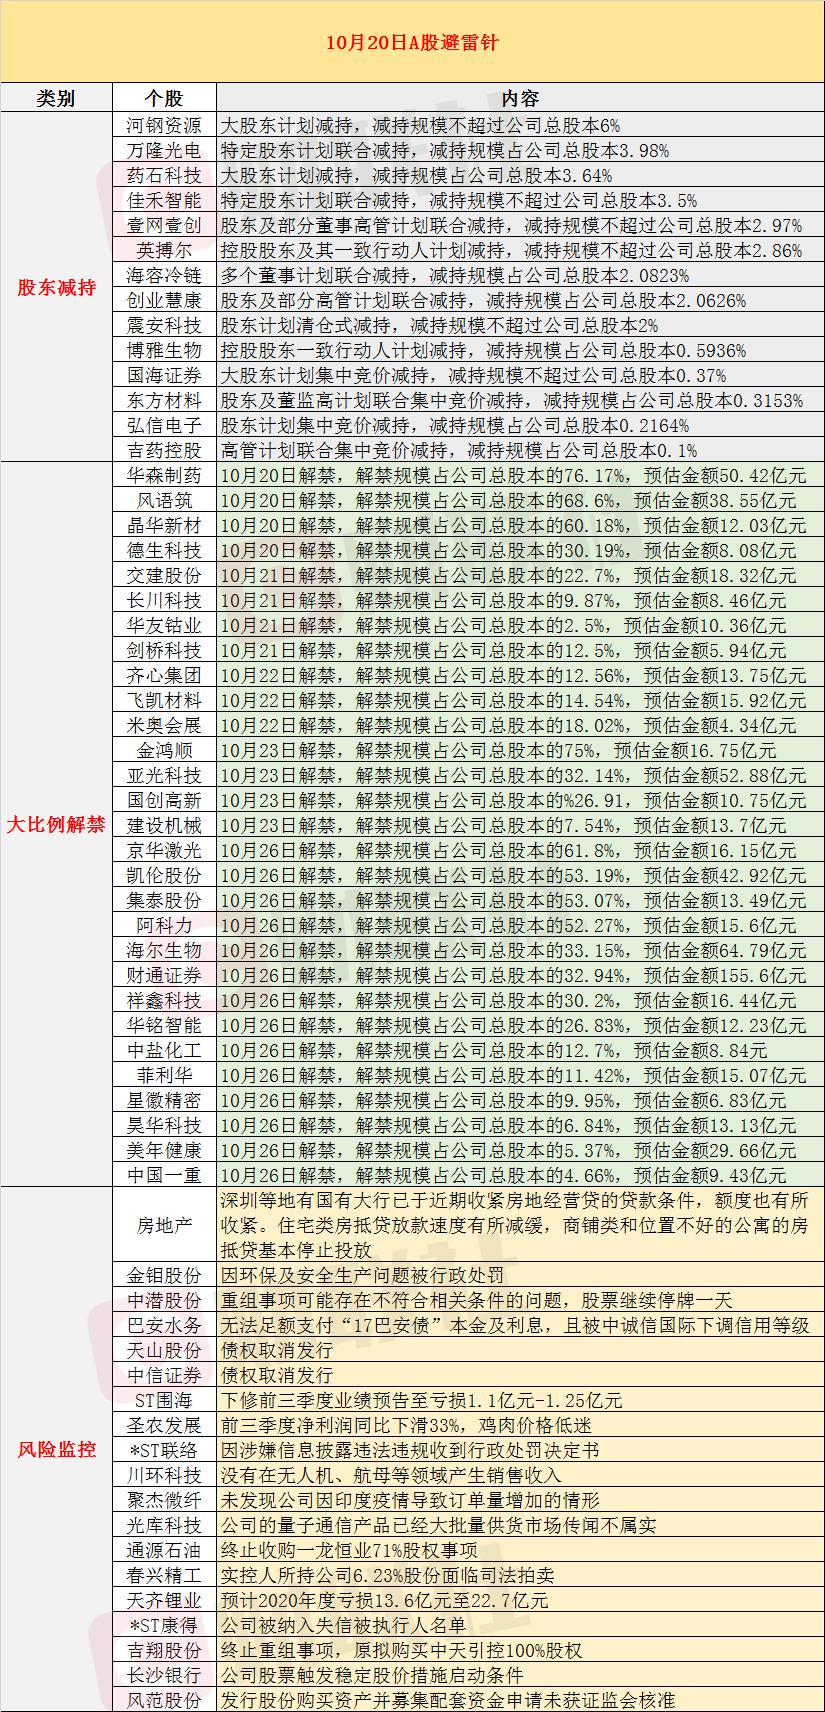 10月20日投资避雷针:金鸿顺等个股将迎来大比例解禁